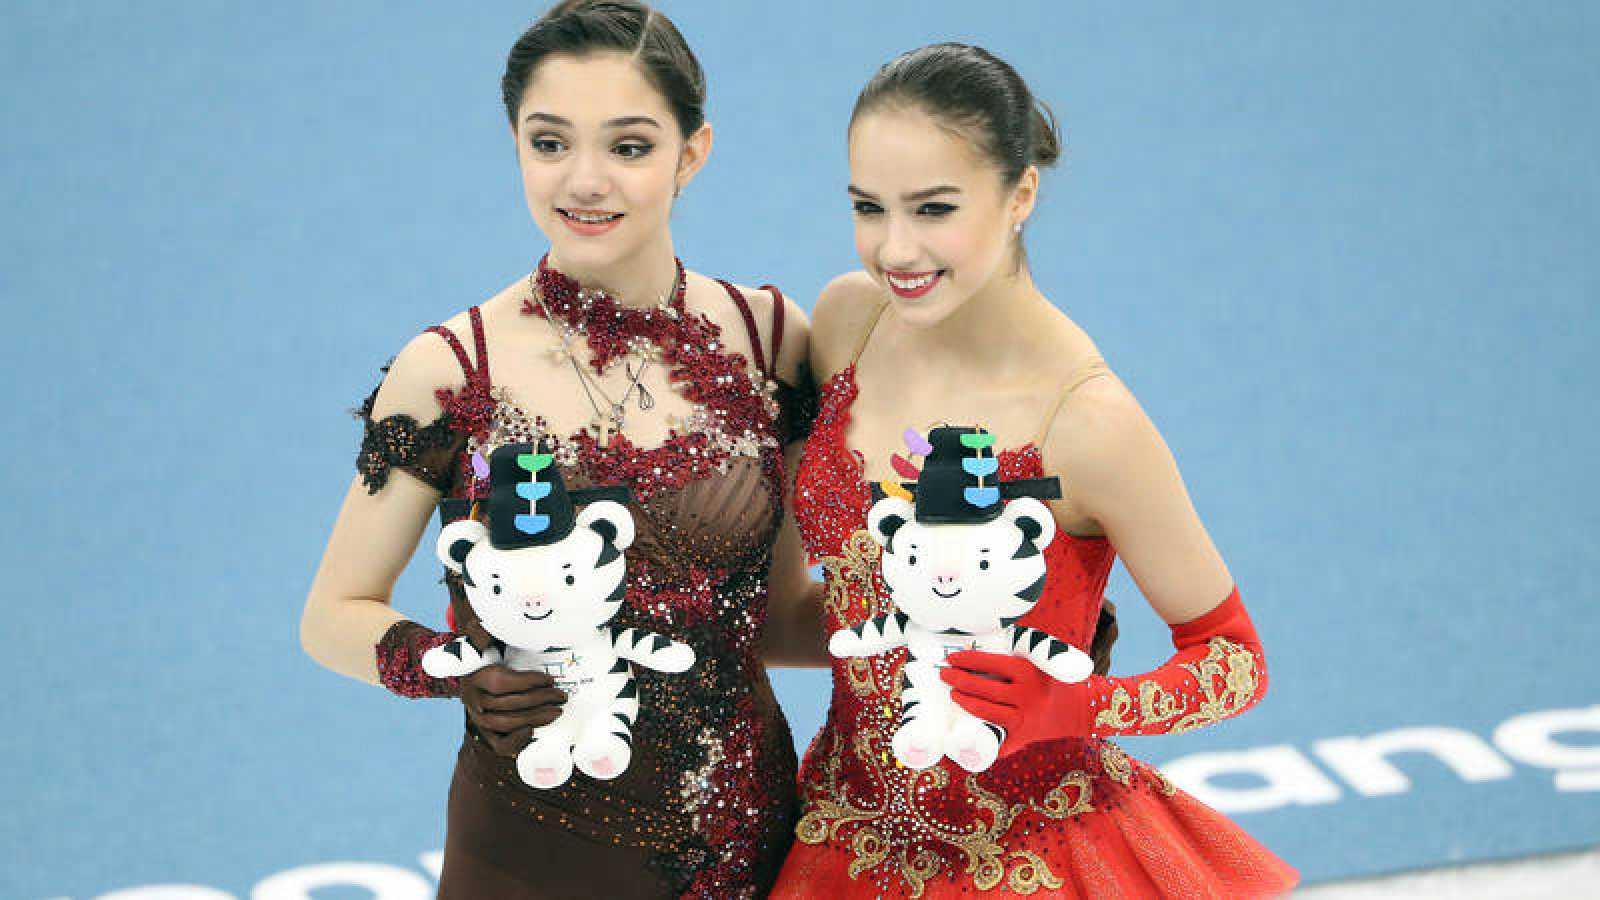 Doblete ruso en patinaje artístico femenino con la plata de Medvedeva (i) y el oro de Zagitova (d).